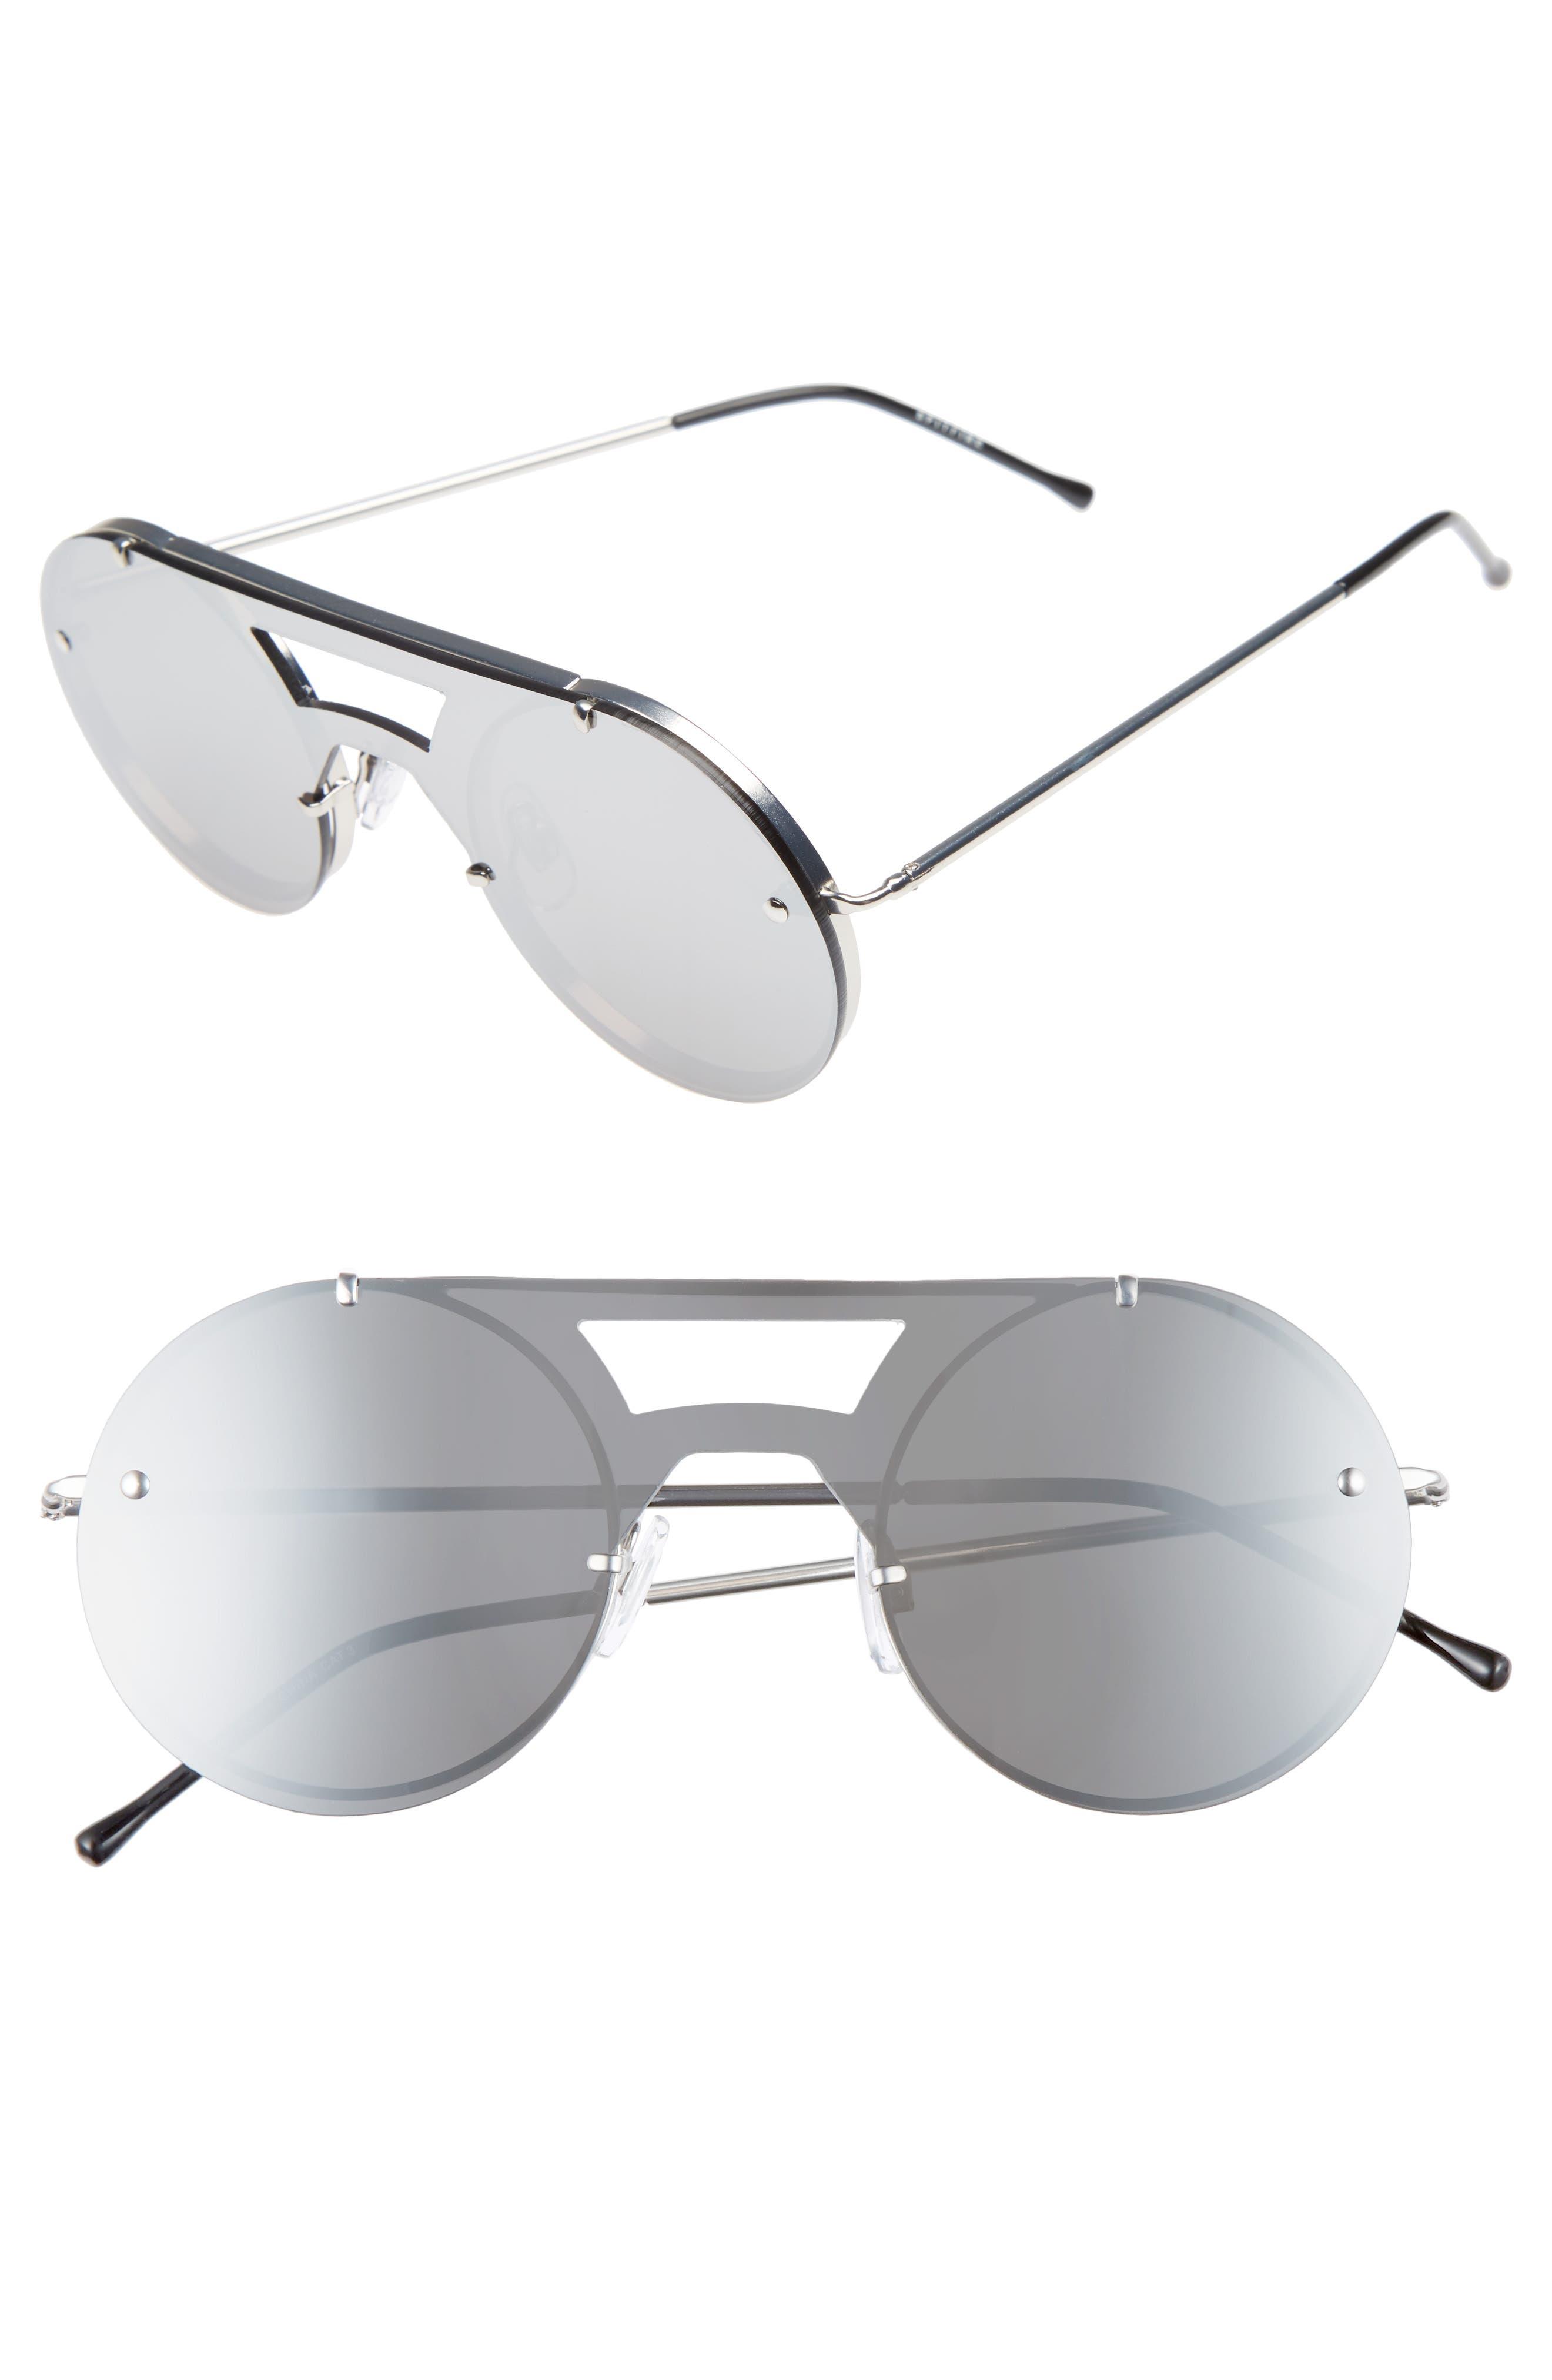 Spitfire Algorithm Frameless Sunglasses